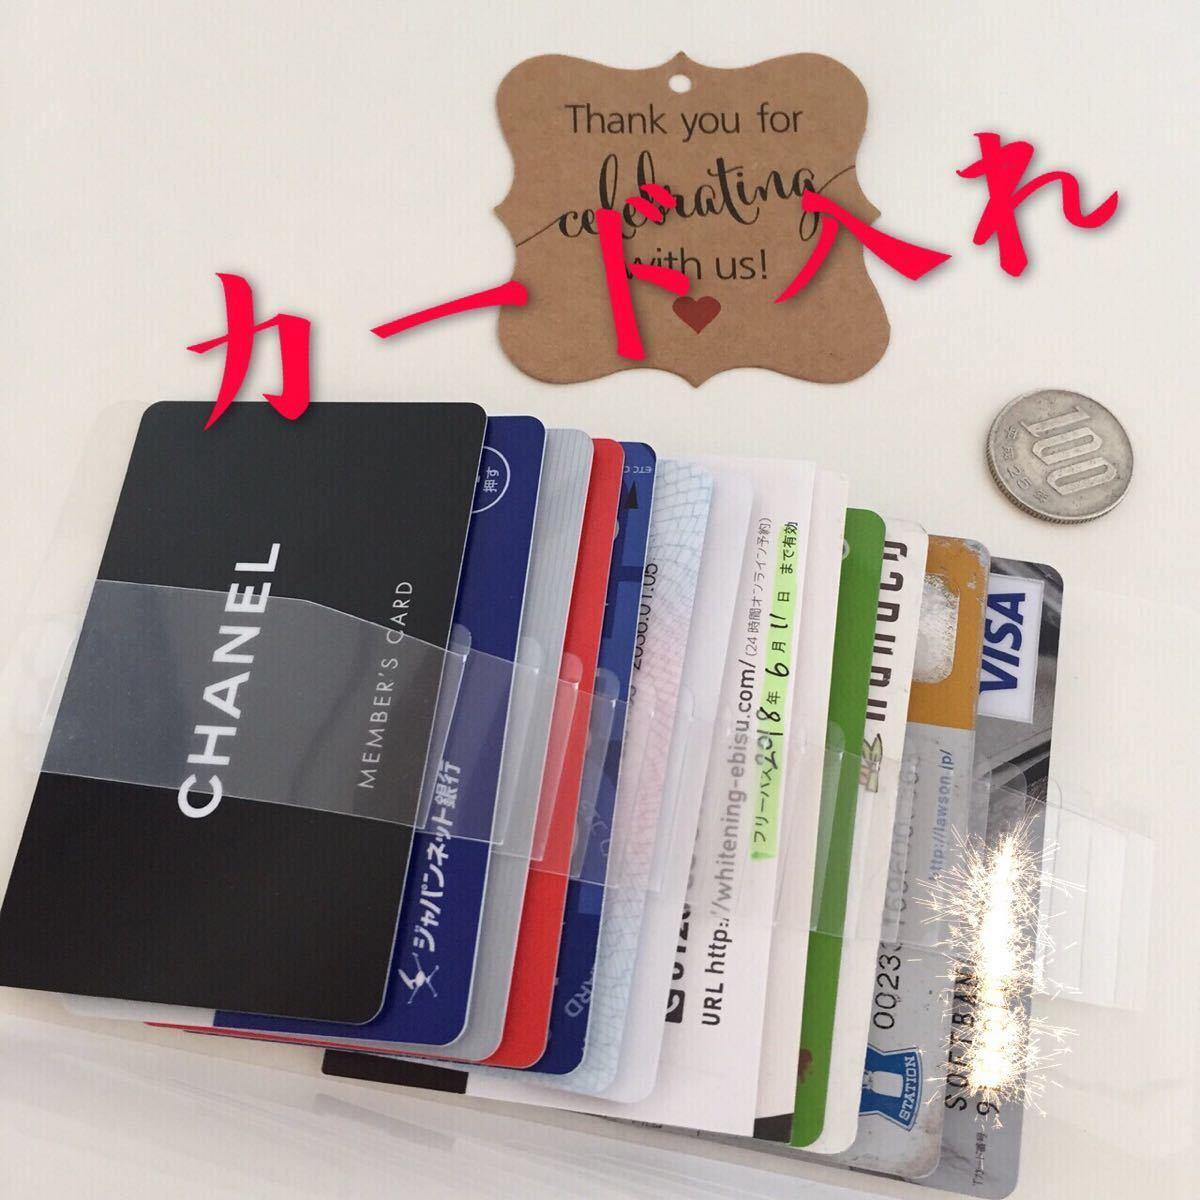 新登場 カード入れ カードケース 名刺入れ 名刺ケース 大容量 20枚入れ£長財布に入れます 超人気 男女兼用 便利_画像4